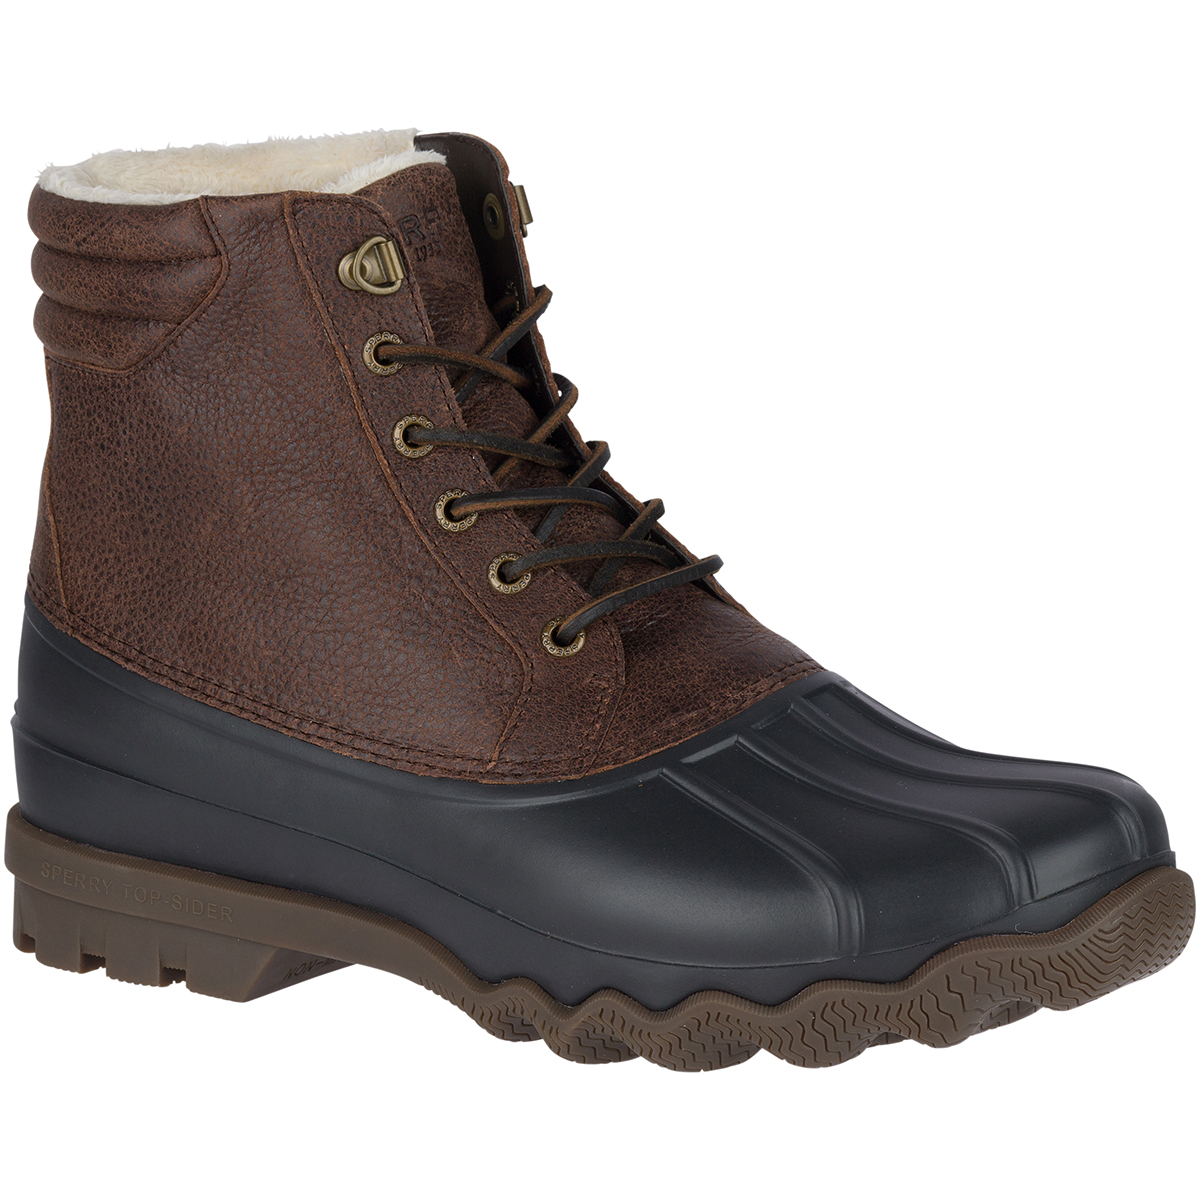 Sperry Men's Avenue Winter Waterproof Duck Boots – Size 10.5